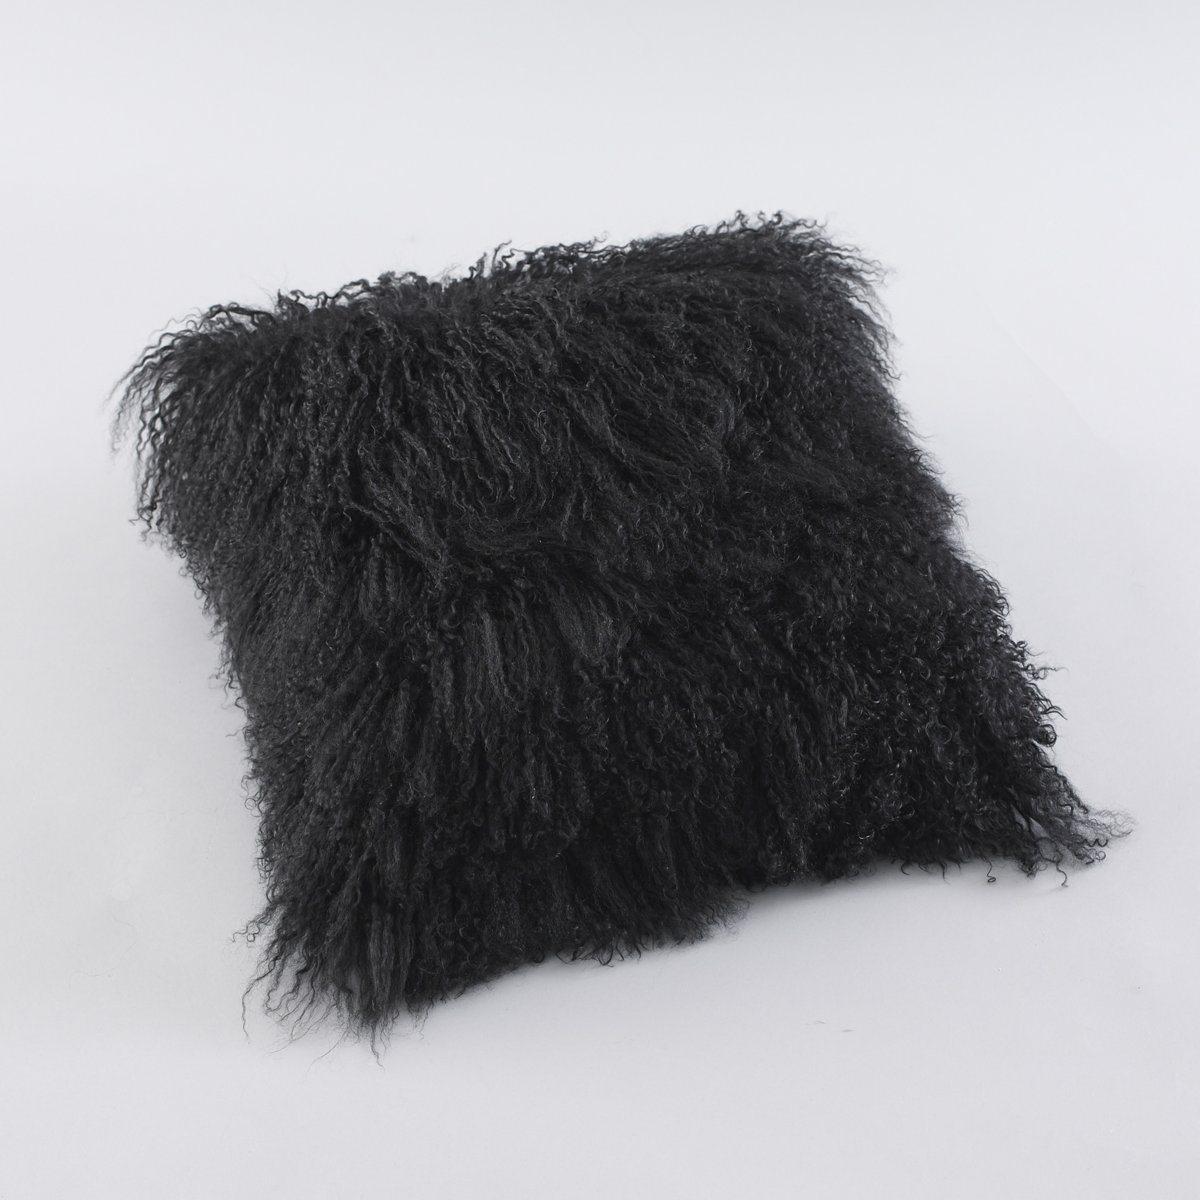 Чехол для подушки REDOUTE CREATIONОдна сторона из 100% шерсти, теплой и мягкой, другая сторона из нежной искусственной замши, 100% полиэстера. Застежка на молнию.-<br><br>Цвет: черный